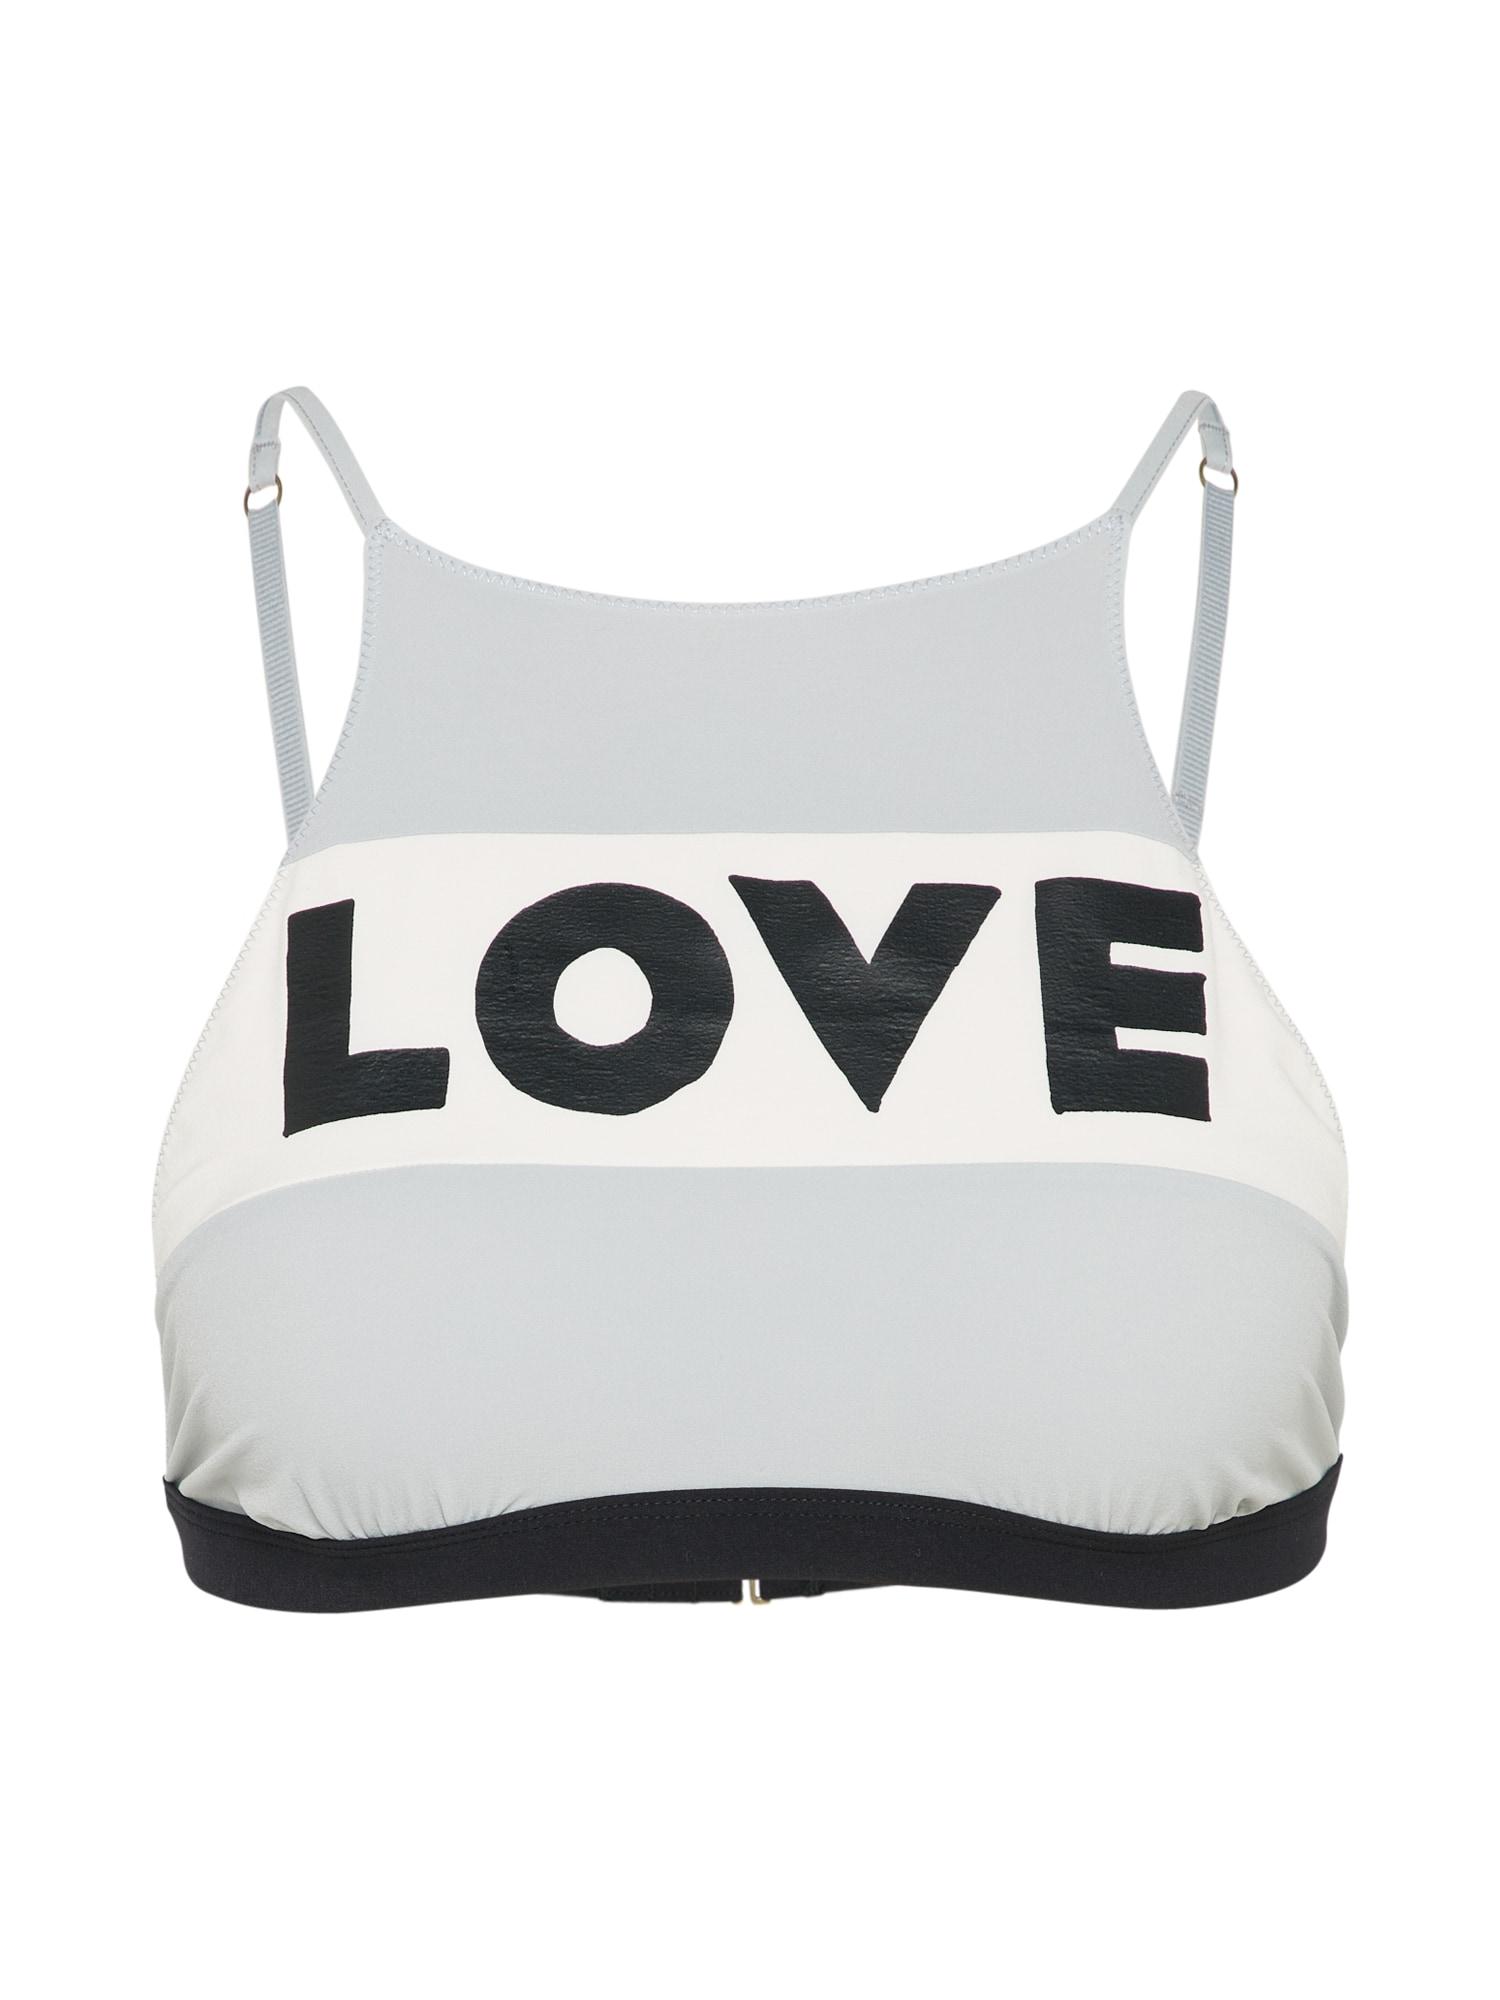 Horní díl plavek Mermaid Bra Bralette šedá černá bílá LOVE Stories